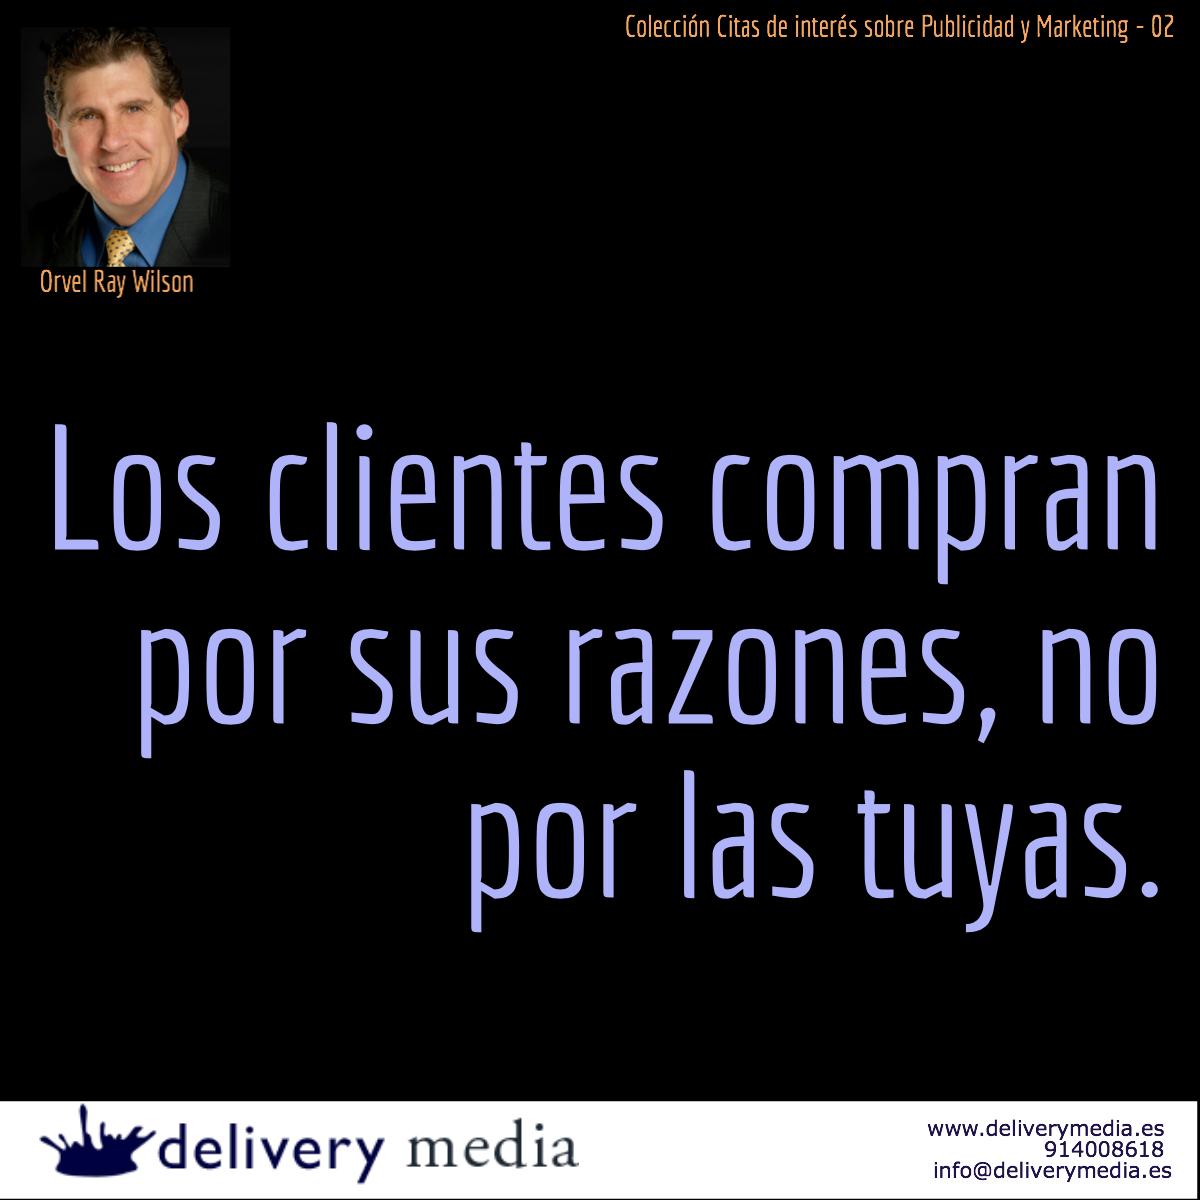 Los clientes compran por sus razones, no por las tuyas. Orvel Ray Wilson #cita